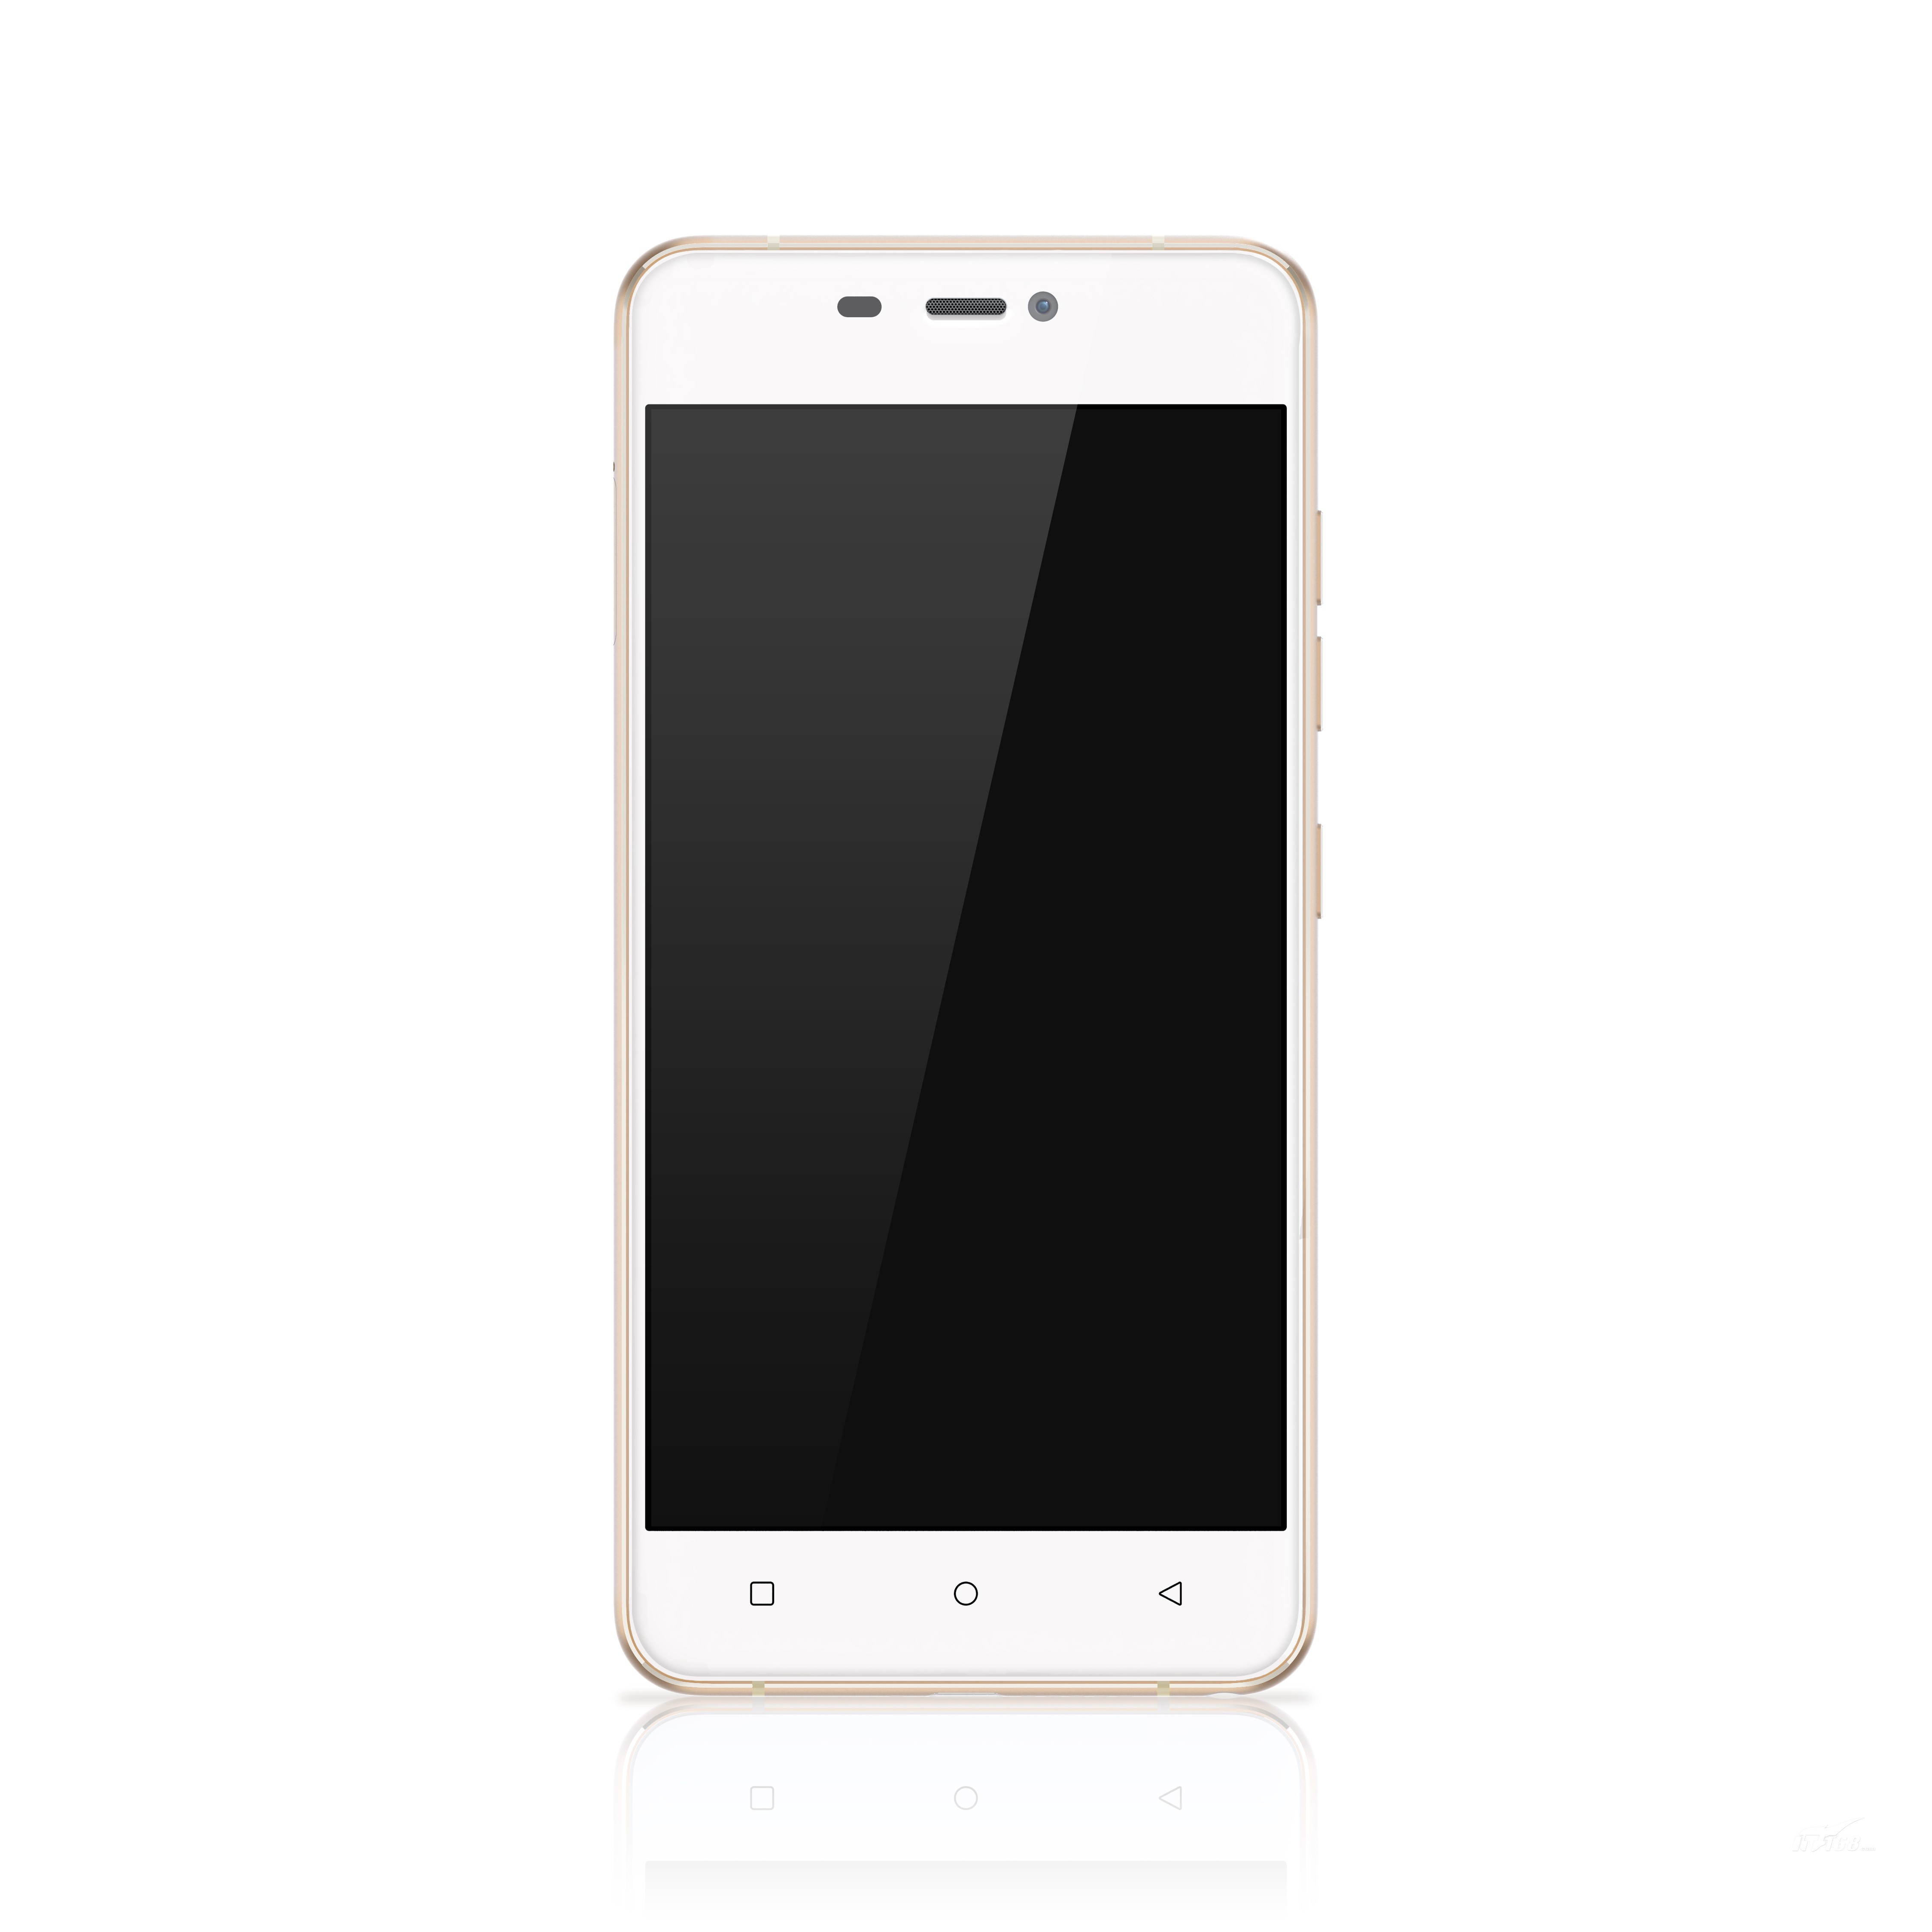 IT168金立S5.1Pro 璨金白 4G手机产品页面为您提供GiONEE S5.1Pro 璨金白 4G手机相关报价、参数、评测、图片、评论等信息,了解金立S5.1Pro 璨金白 4G手机详情尽在IT168